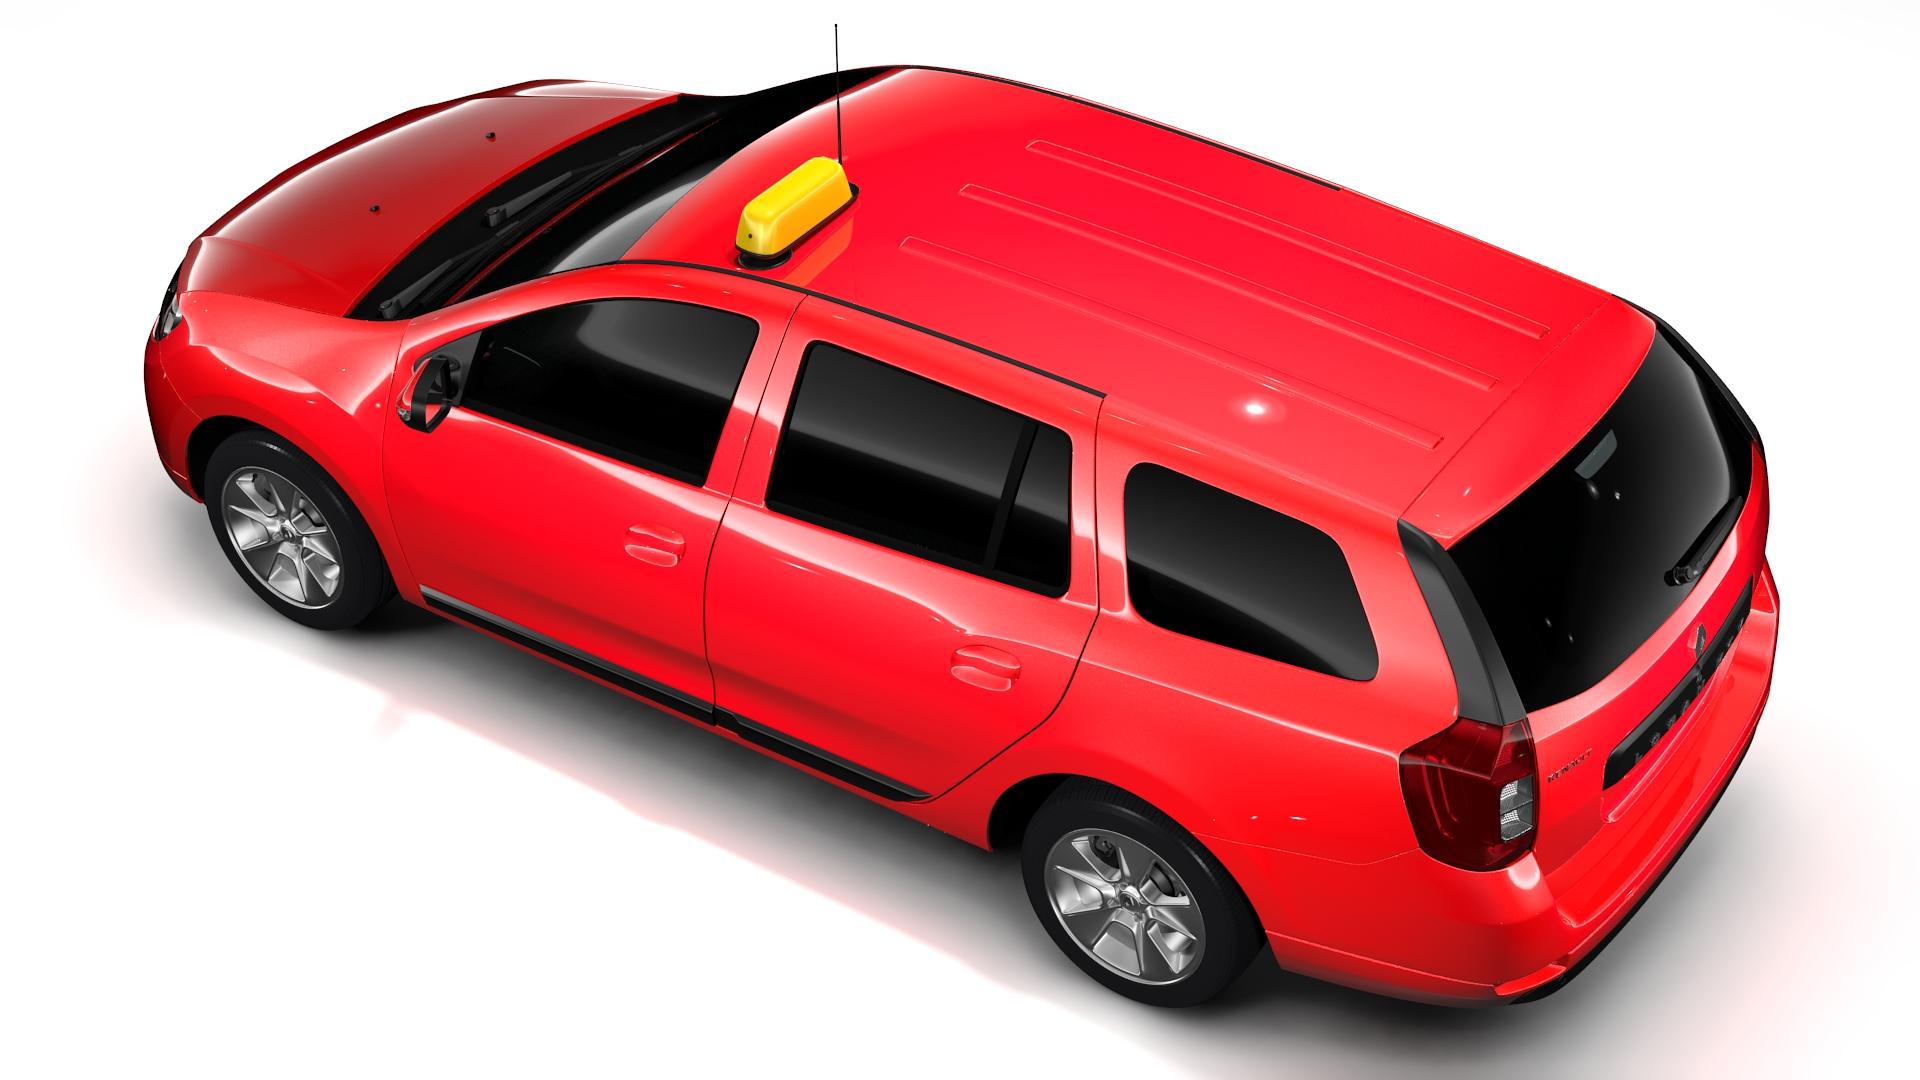 renault logan mcv taxi 2016 3d model 3ds max fbx c4d lwo ma mb hrc xsi obj 221291